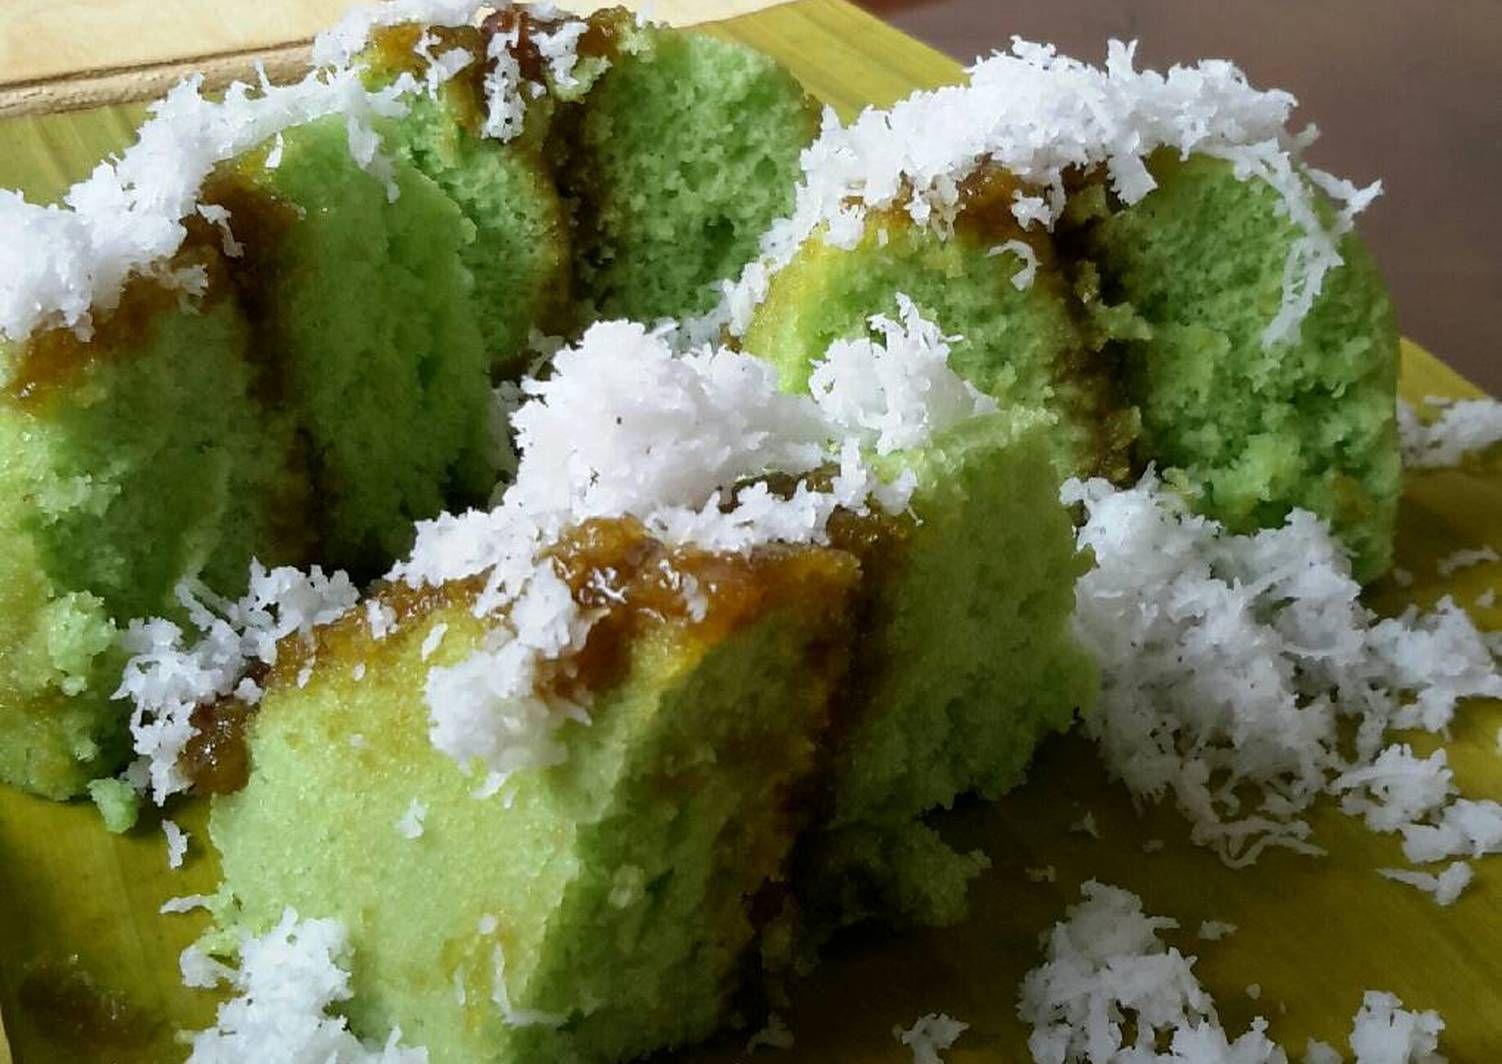 Resep Kue Putu Terigu Oleh Fathima Huriyya Resep Resep Kue Resep Resep Makanan